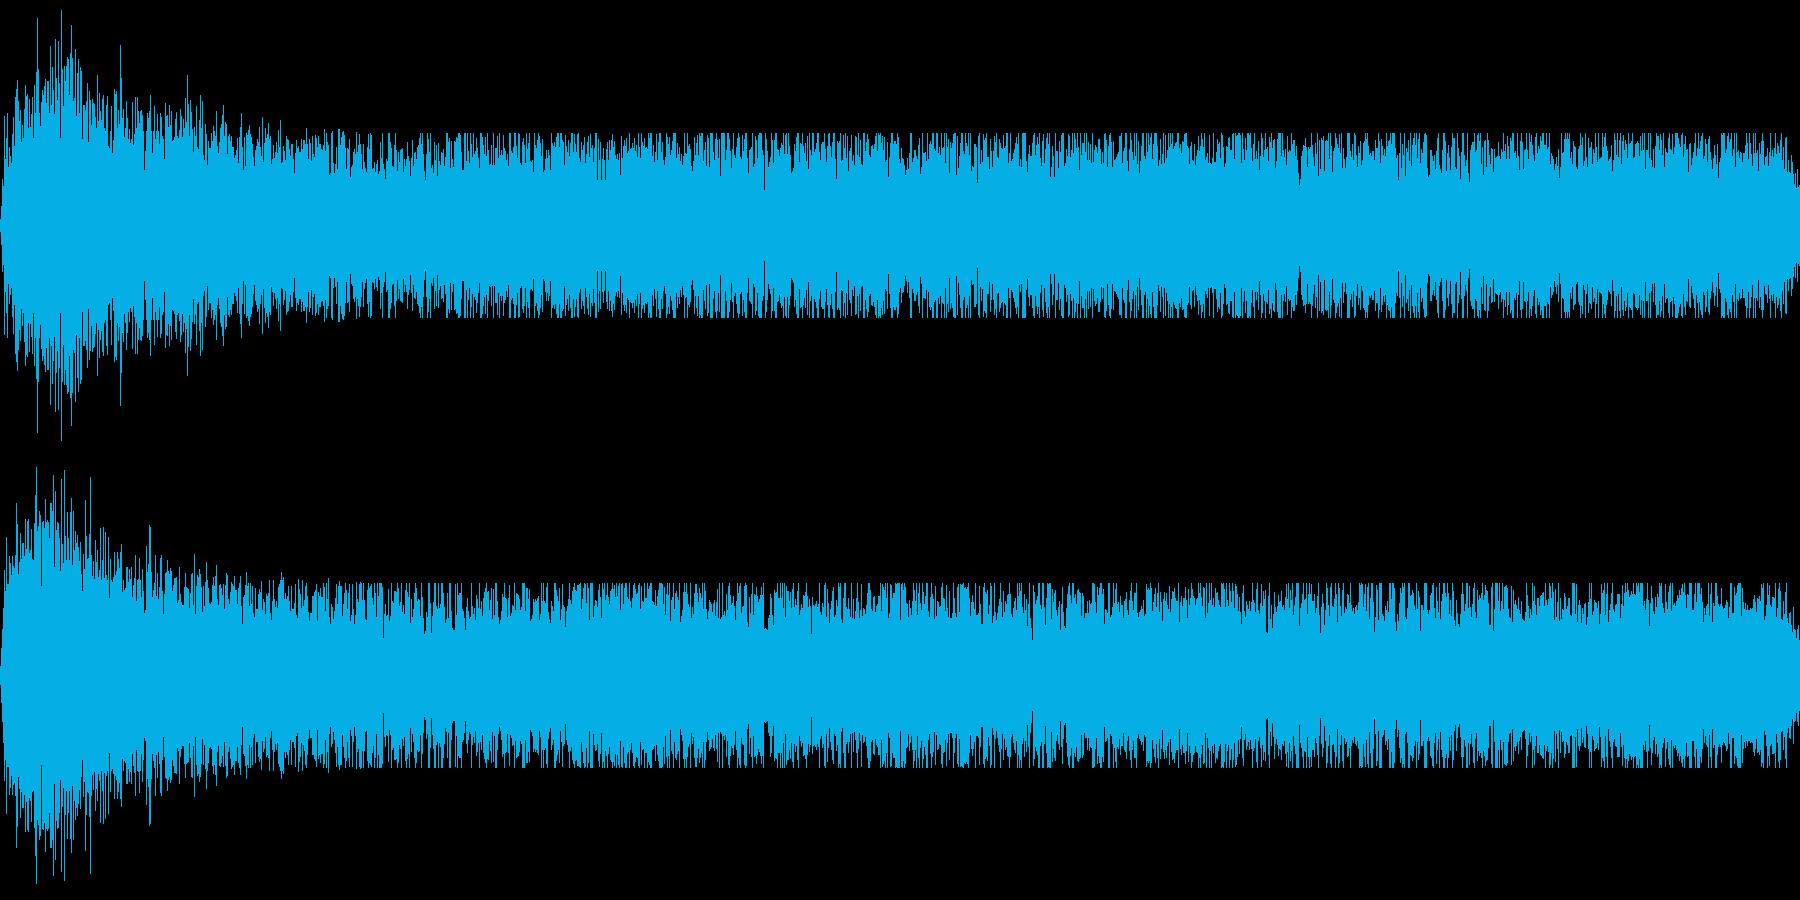 暗黒のオーラ(邪悪なエネルギー)の再生済みの波形